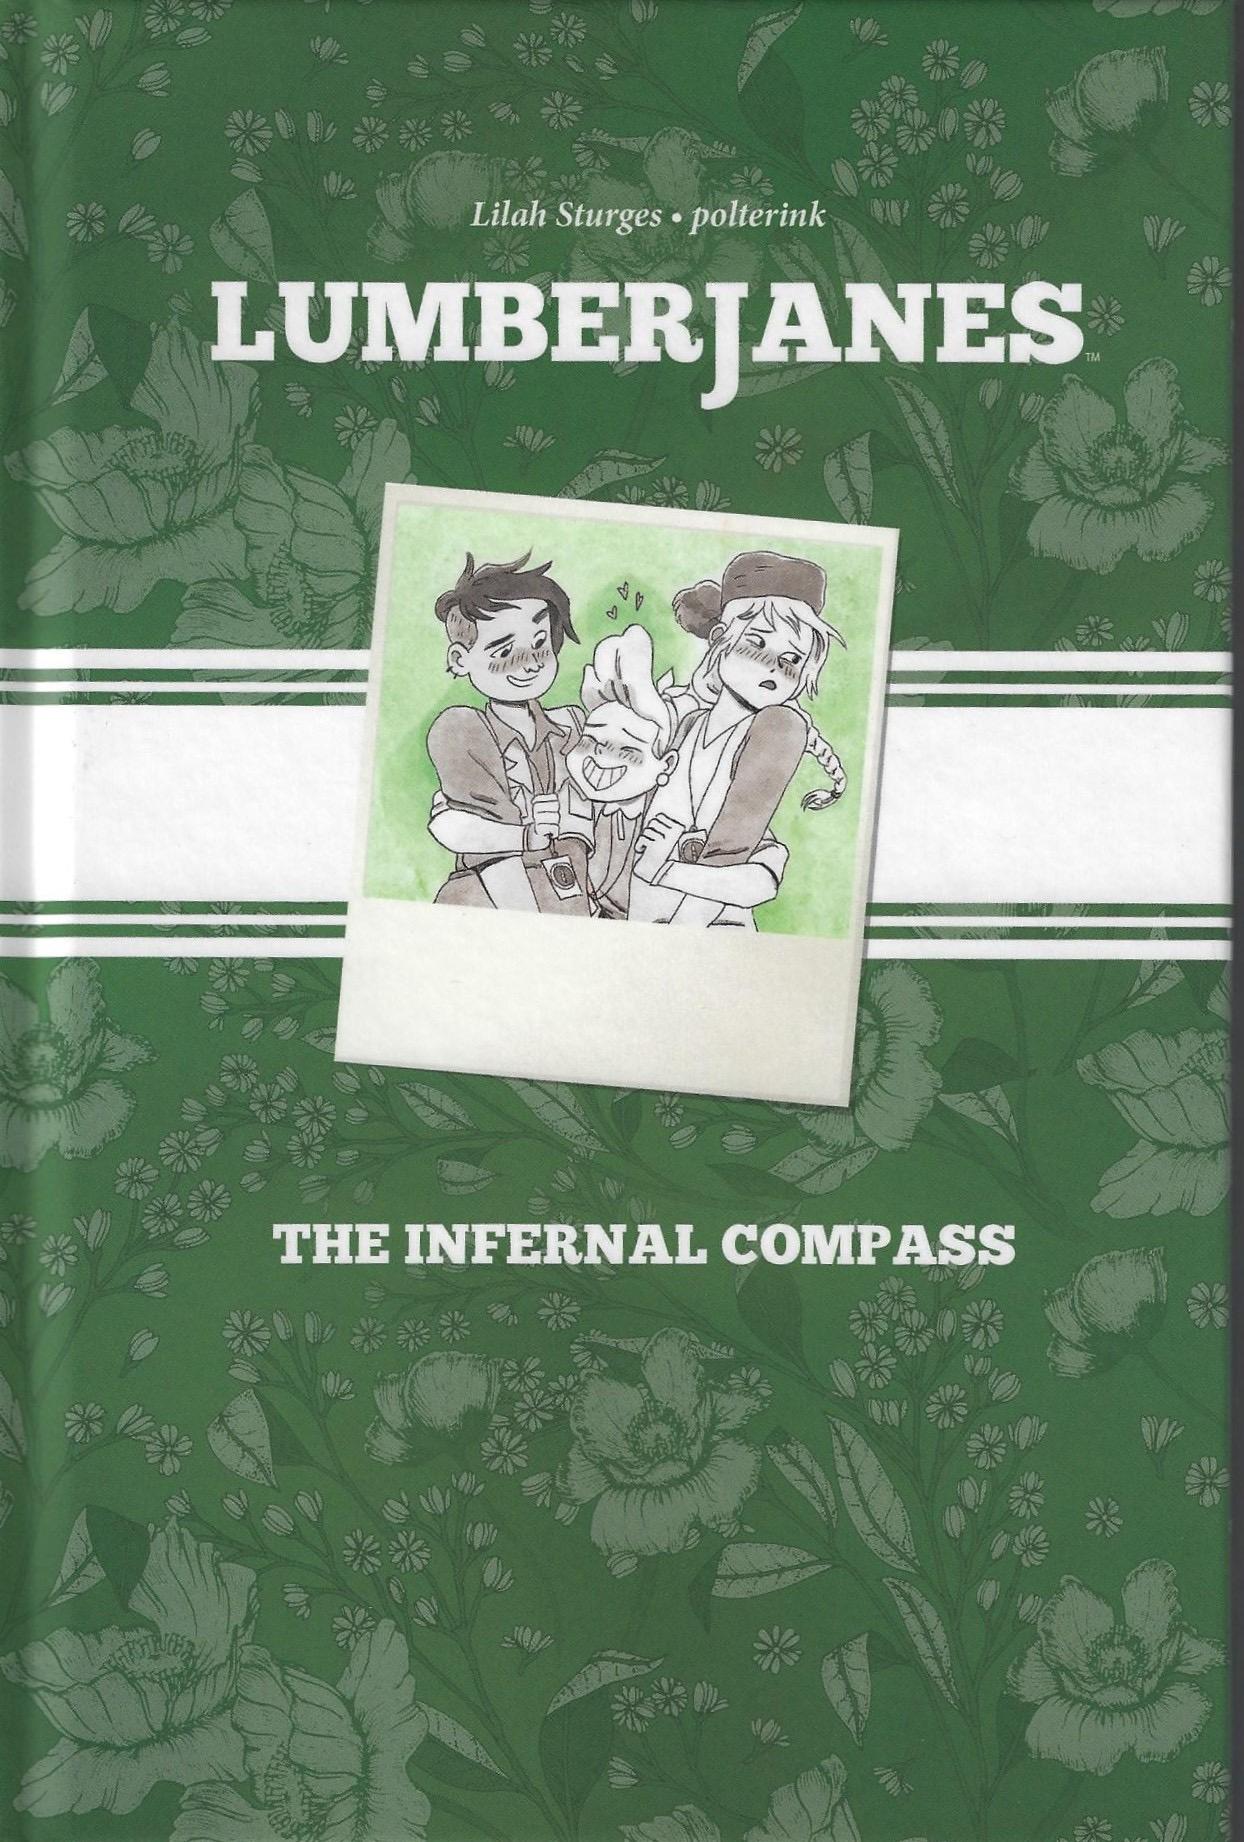 Lumberjanes CBLDF exclusive,